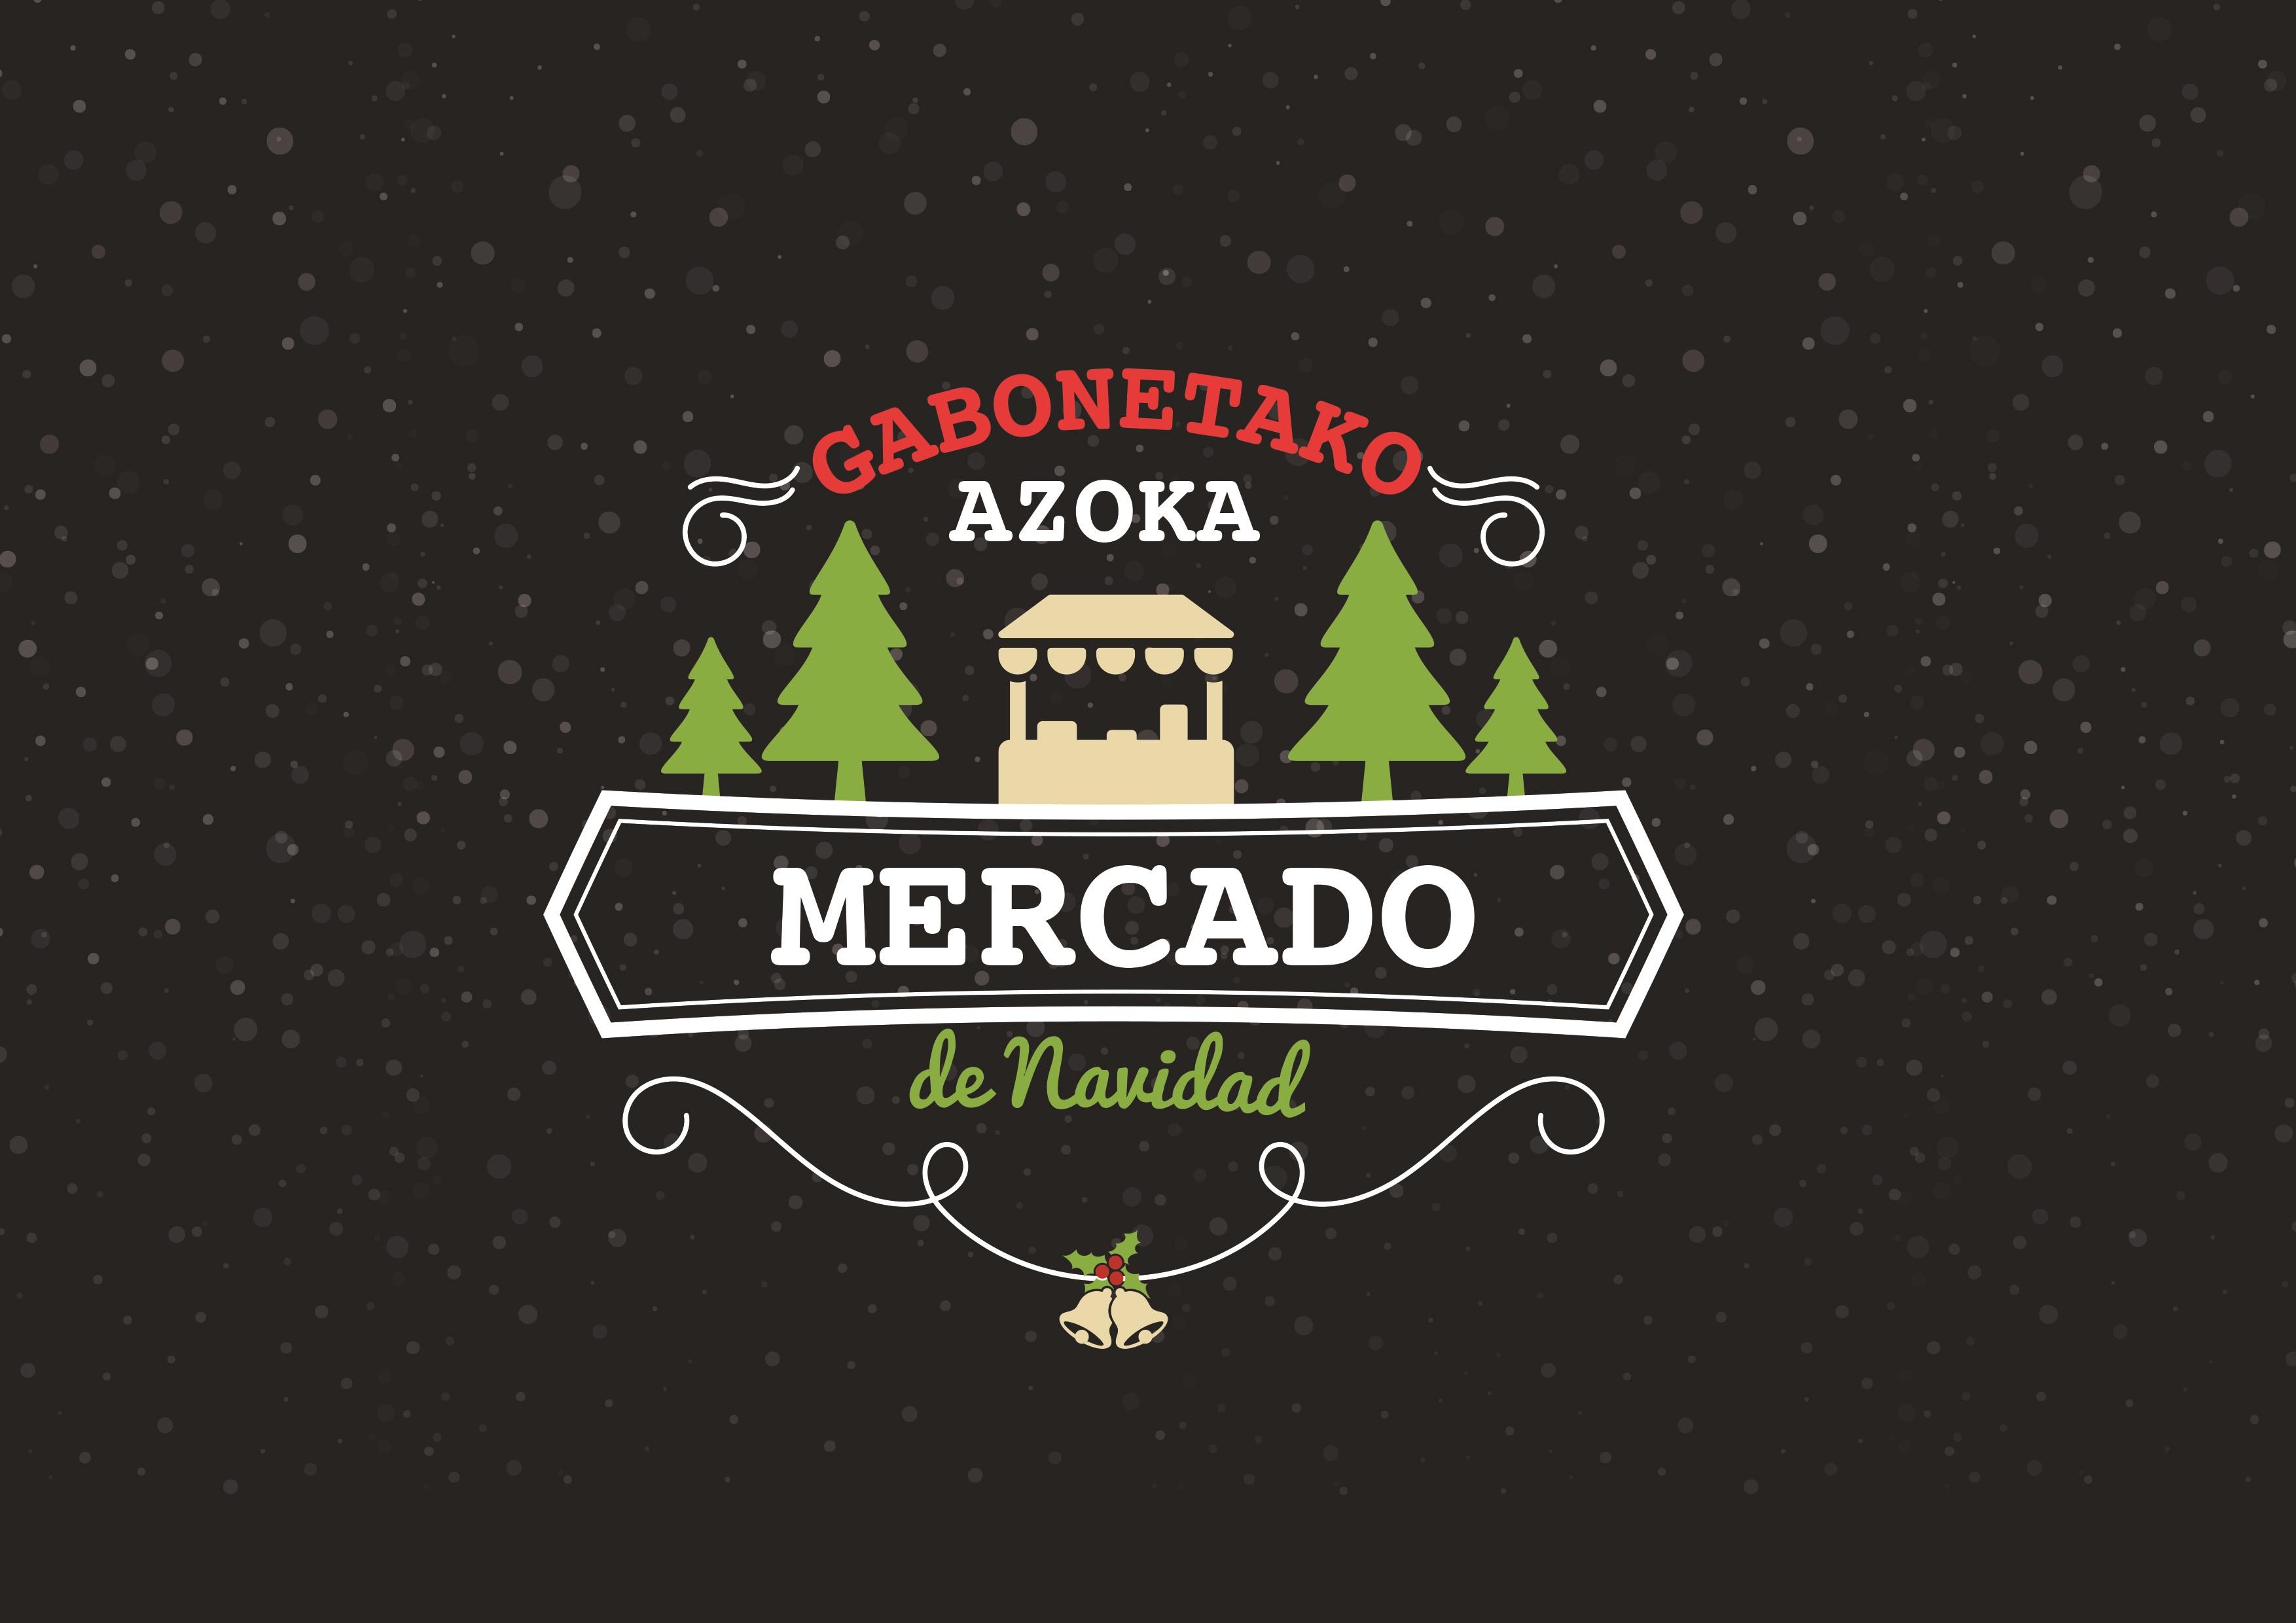 II MERCADO DE NAVIDAD